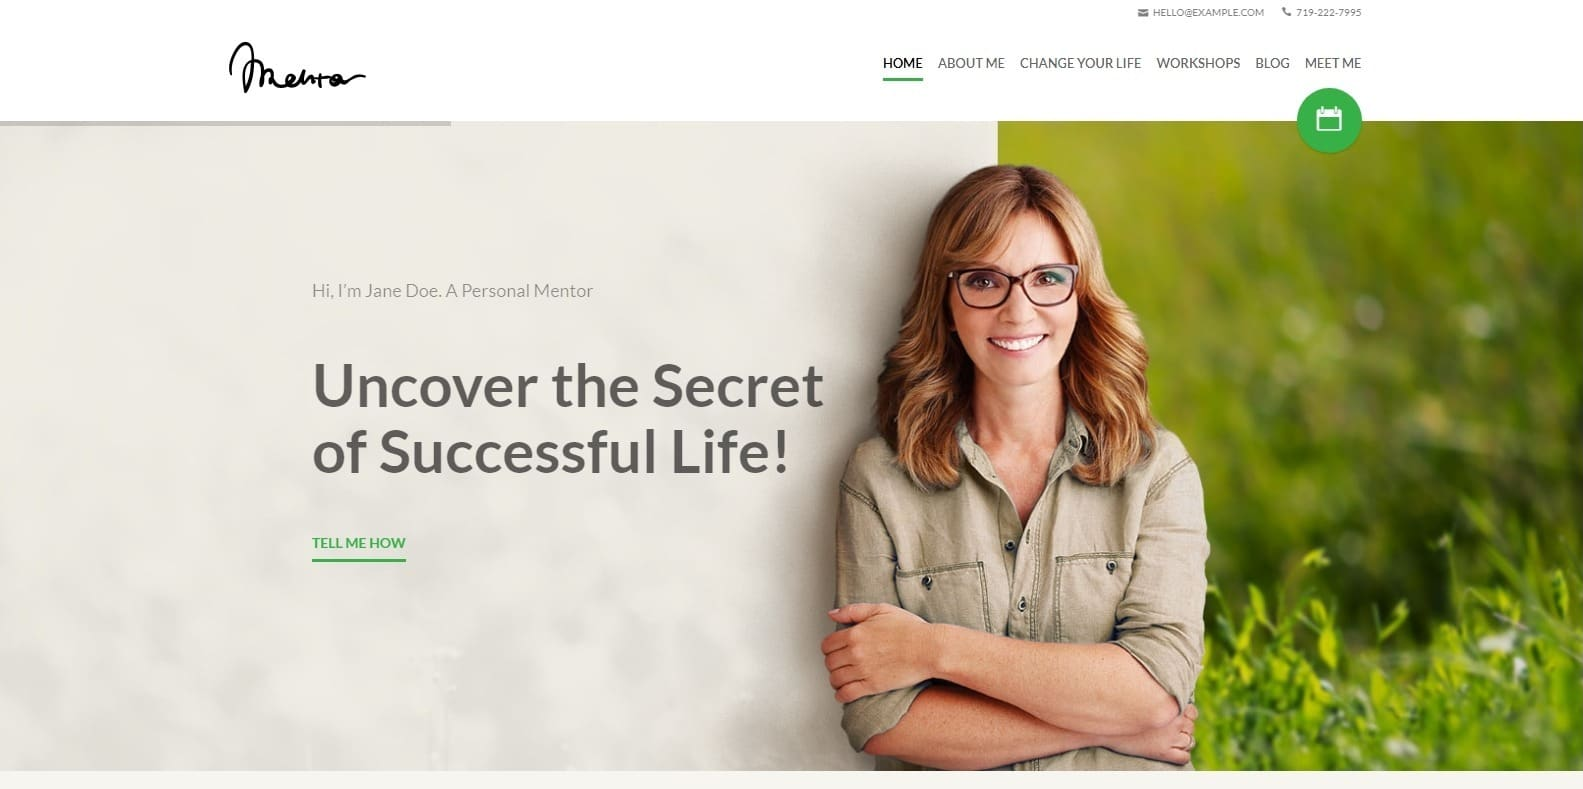 mentor-coaching-website template